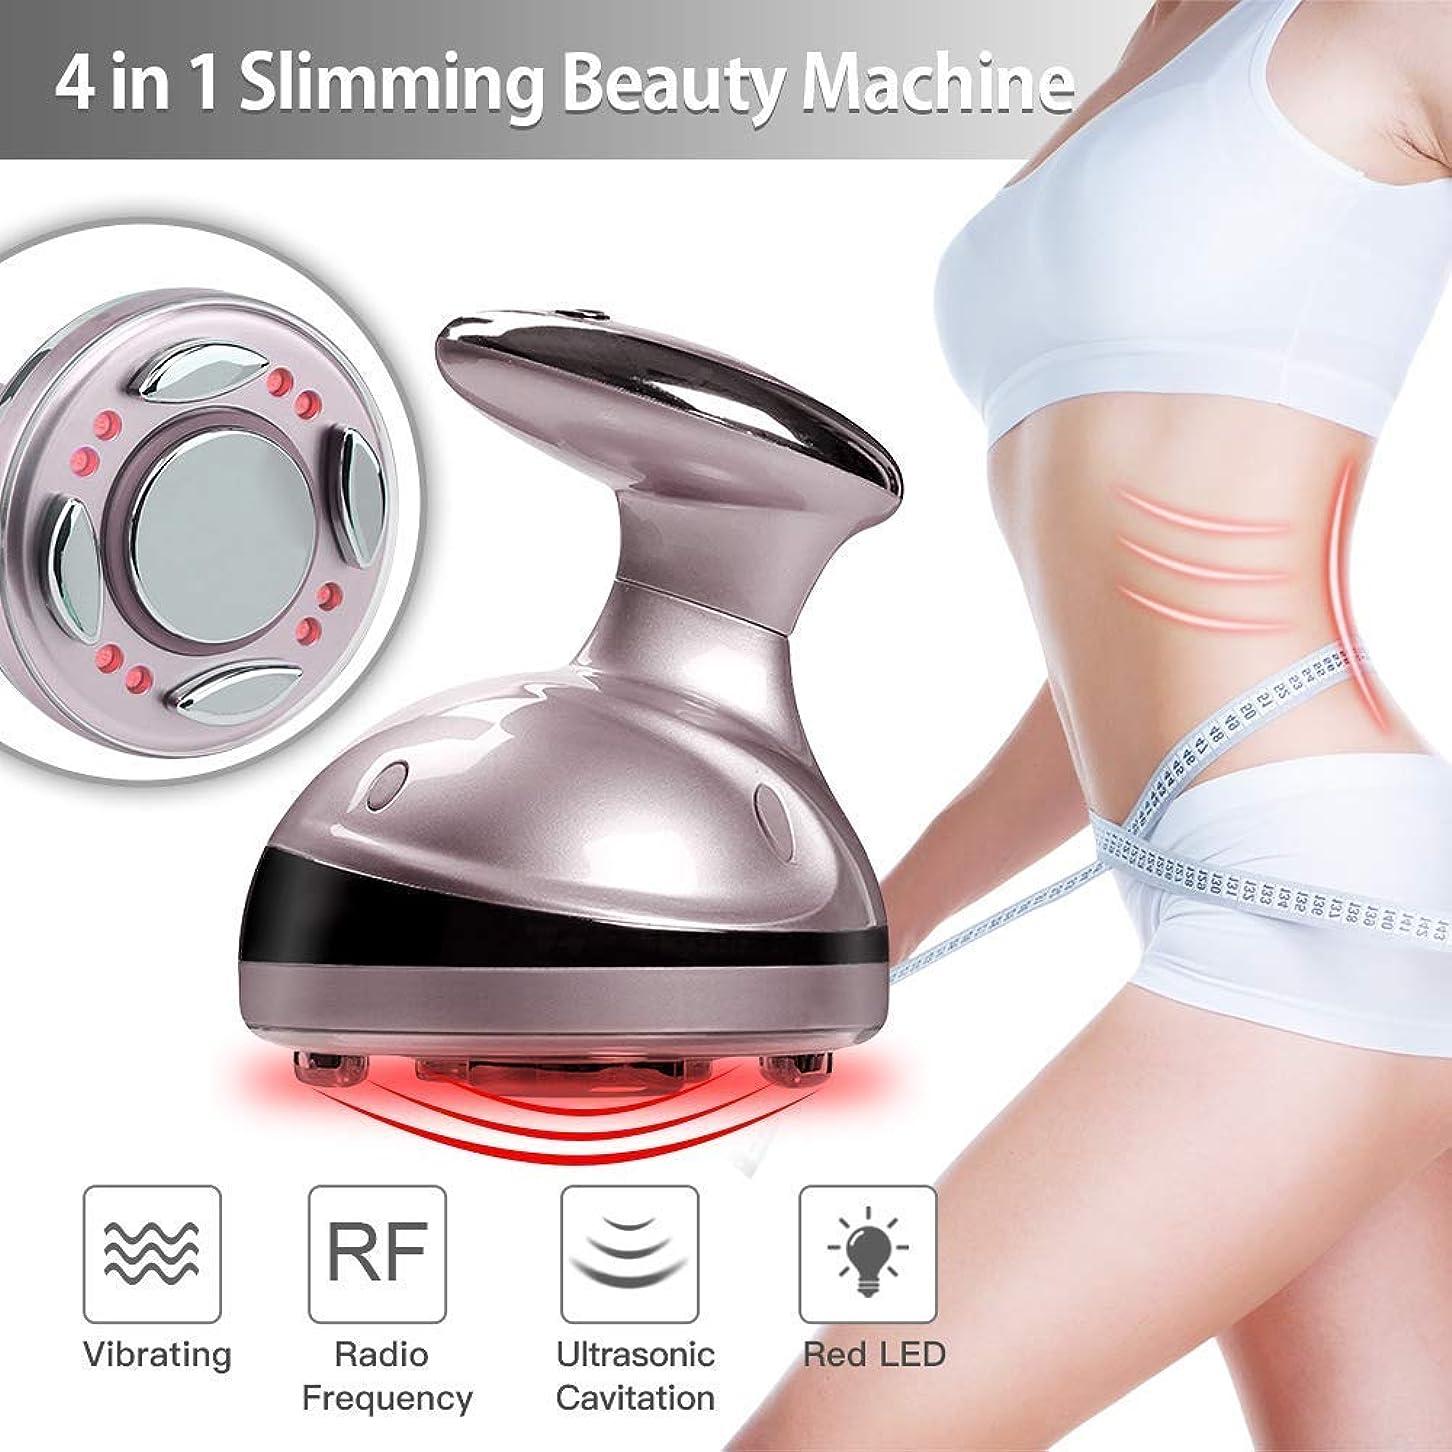 眩惑する振り向くモナリザ4 in 1 美容マシン/RF無線周波数/熱振動マッサージ,スキンケア脂肪除去体スリム減量 女性男性用